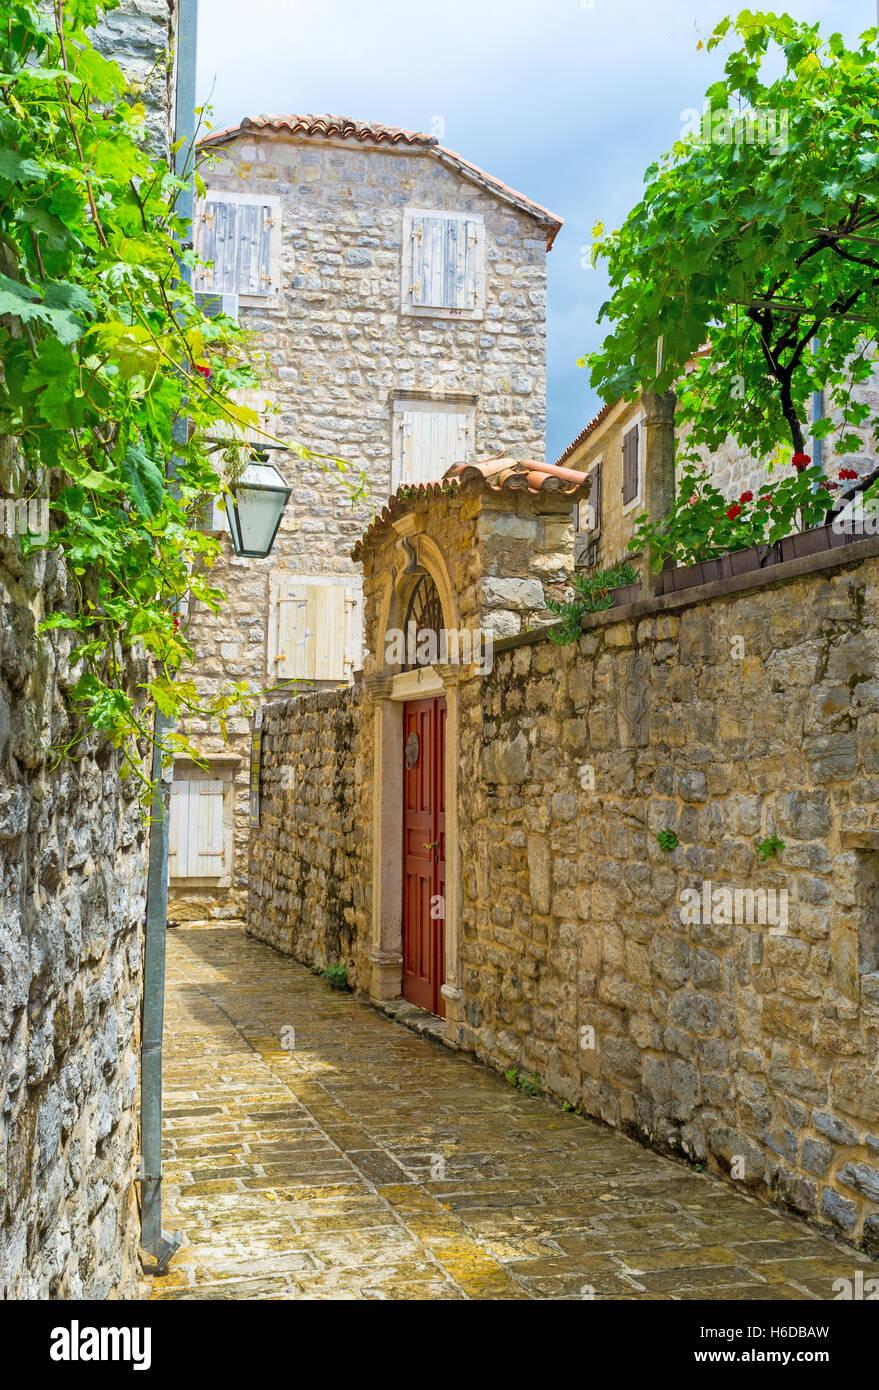 La pintoresca calle medieval con la valla de piedra antigua y la puerta de madera que separa el - Vallas de piedra ...